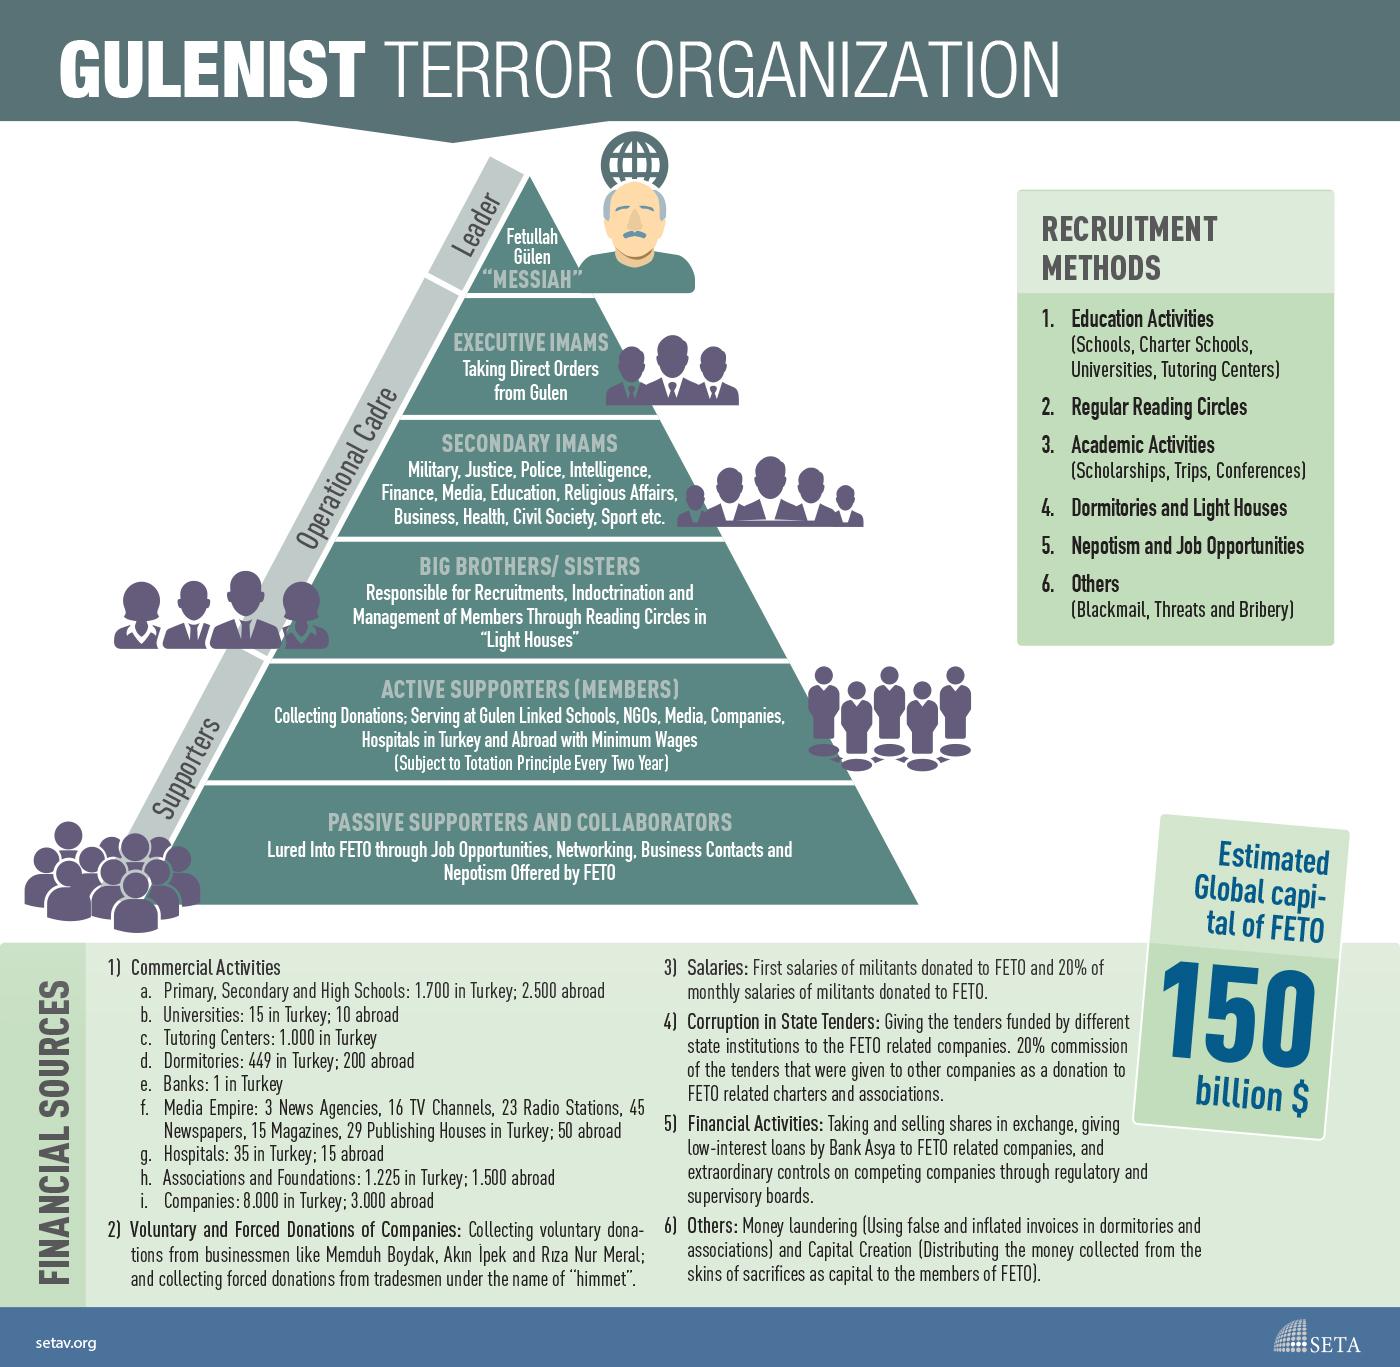 Facts about Gulenist Terror Organisation